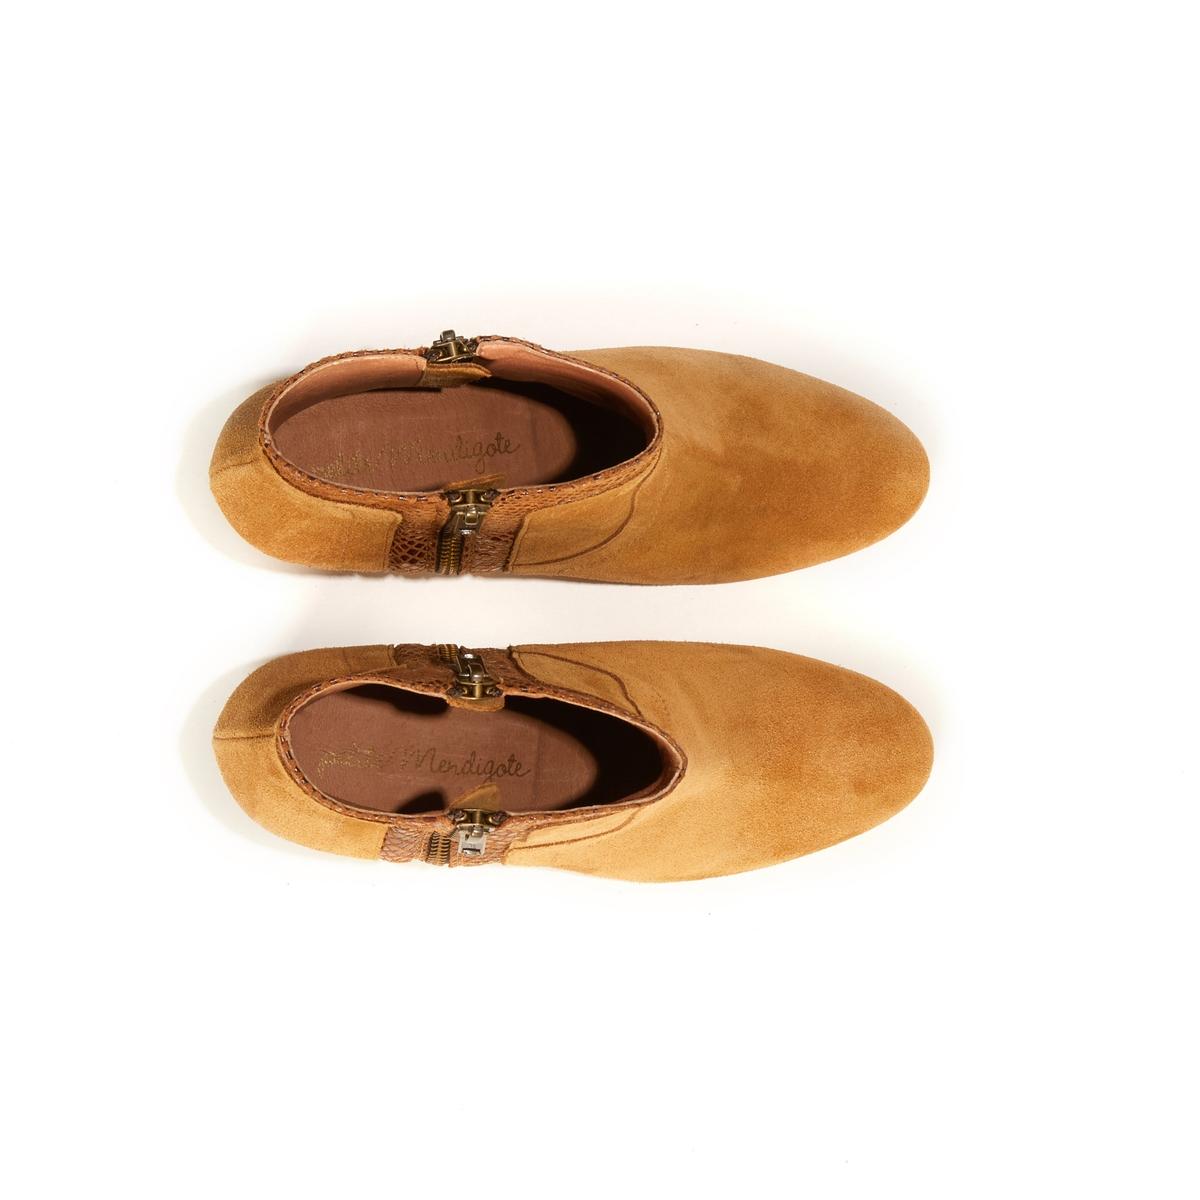 Сапоги кожаные на каблуке RAFIKI EXOTICОписание:Сапоги на каблуке PETITE MENDIGOTE - модель RAFIKI EXOTIC из кожи двух материалов.Детали •  Застежка : на молнию •  Круглый мысок •  Велюровая отделка, нубукСостав и уход •  Верх 100% яловичная кожа •  Стелька 100% козья кожа •  Подошва 100% дерево •  Высота голенища: 15 см •  Высота каблука : 8 см<br><br>Цвет: темно-бежевый